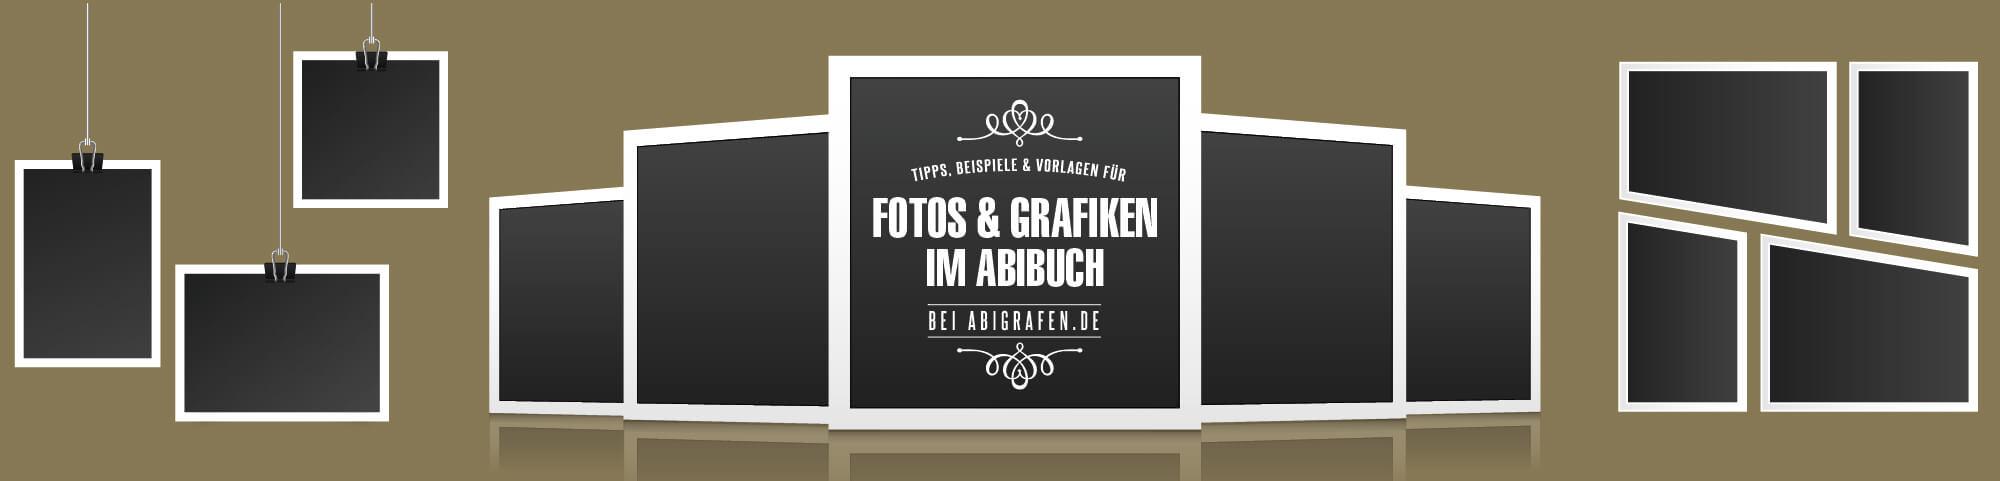 Abizeitung Foto Ideen: Anregungen, Beispiele & Erklärungstexte zur Bilddarstellung im Abibuch